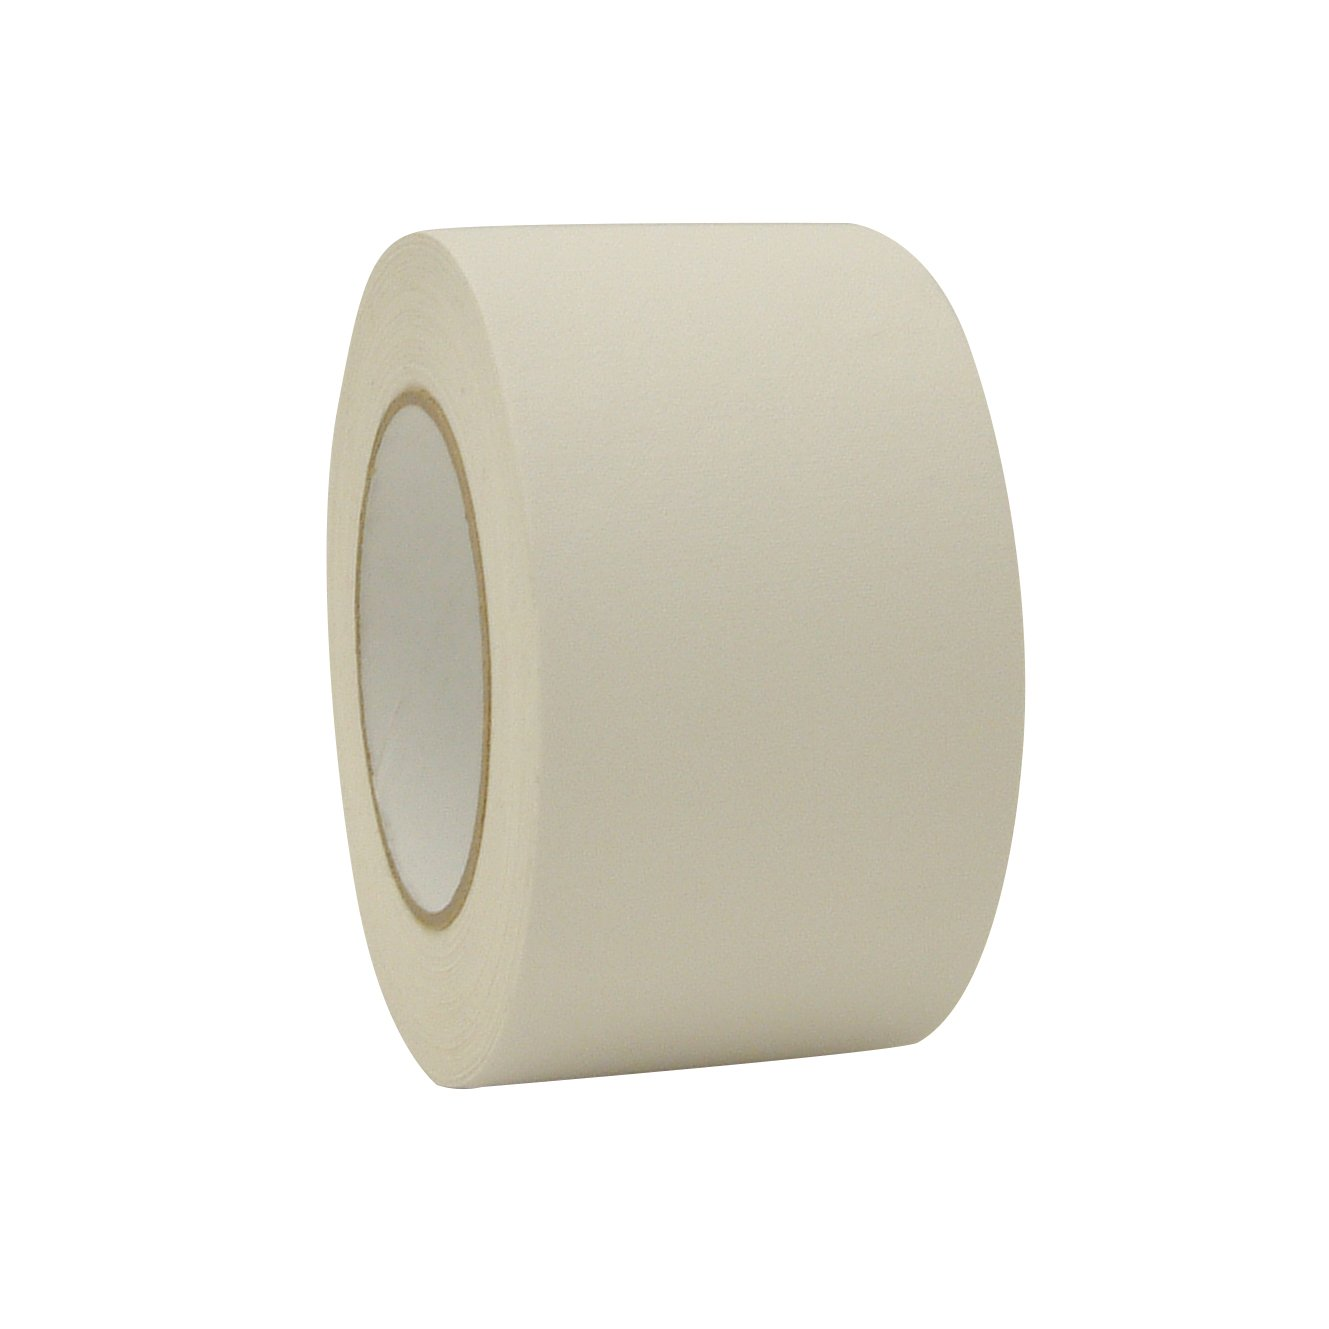 J.V. Converting GAFF30YD/WI330 JVCC GAFF30YD Premium Grade 30 Yard Gaffers Tape: 3'' x 30 yd., White